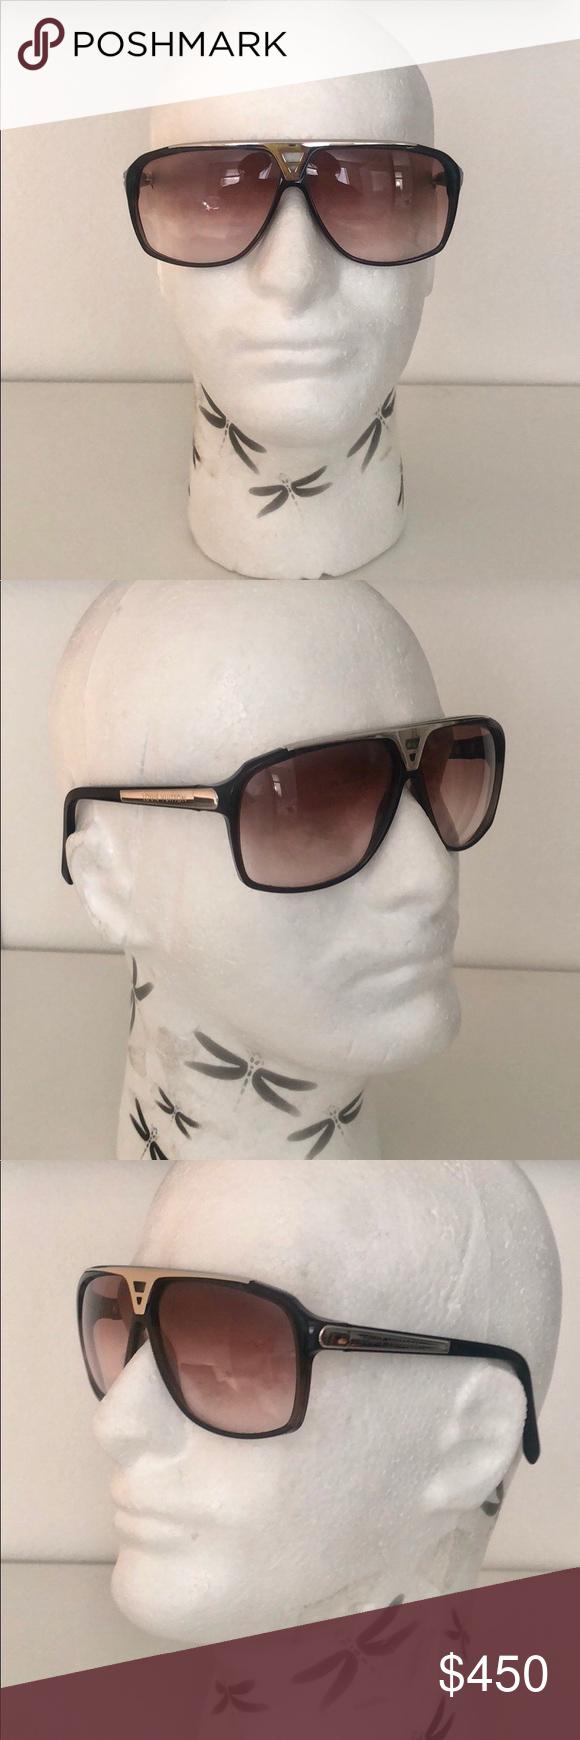 939864a46d57 Louis Vuitton Evidence Mens Sunglasses Authentic Louis Vuitton Evidence Mens  Sunglasses